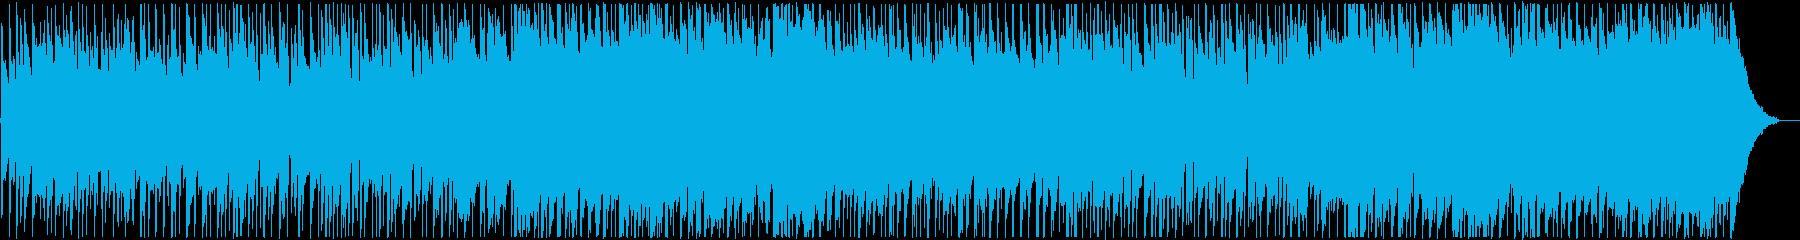 これぞ90年代日本のバラード と唸る一品の再生済みの波形